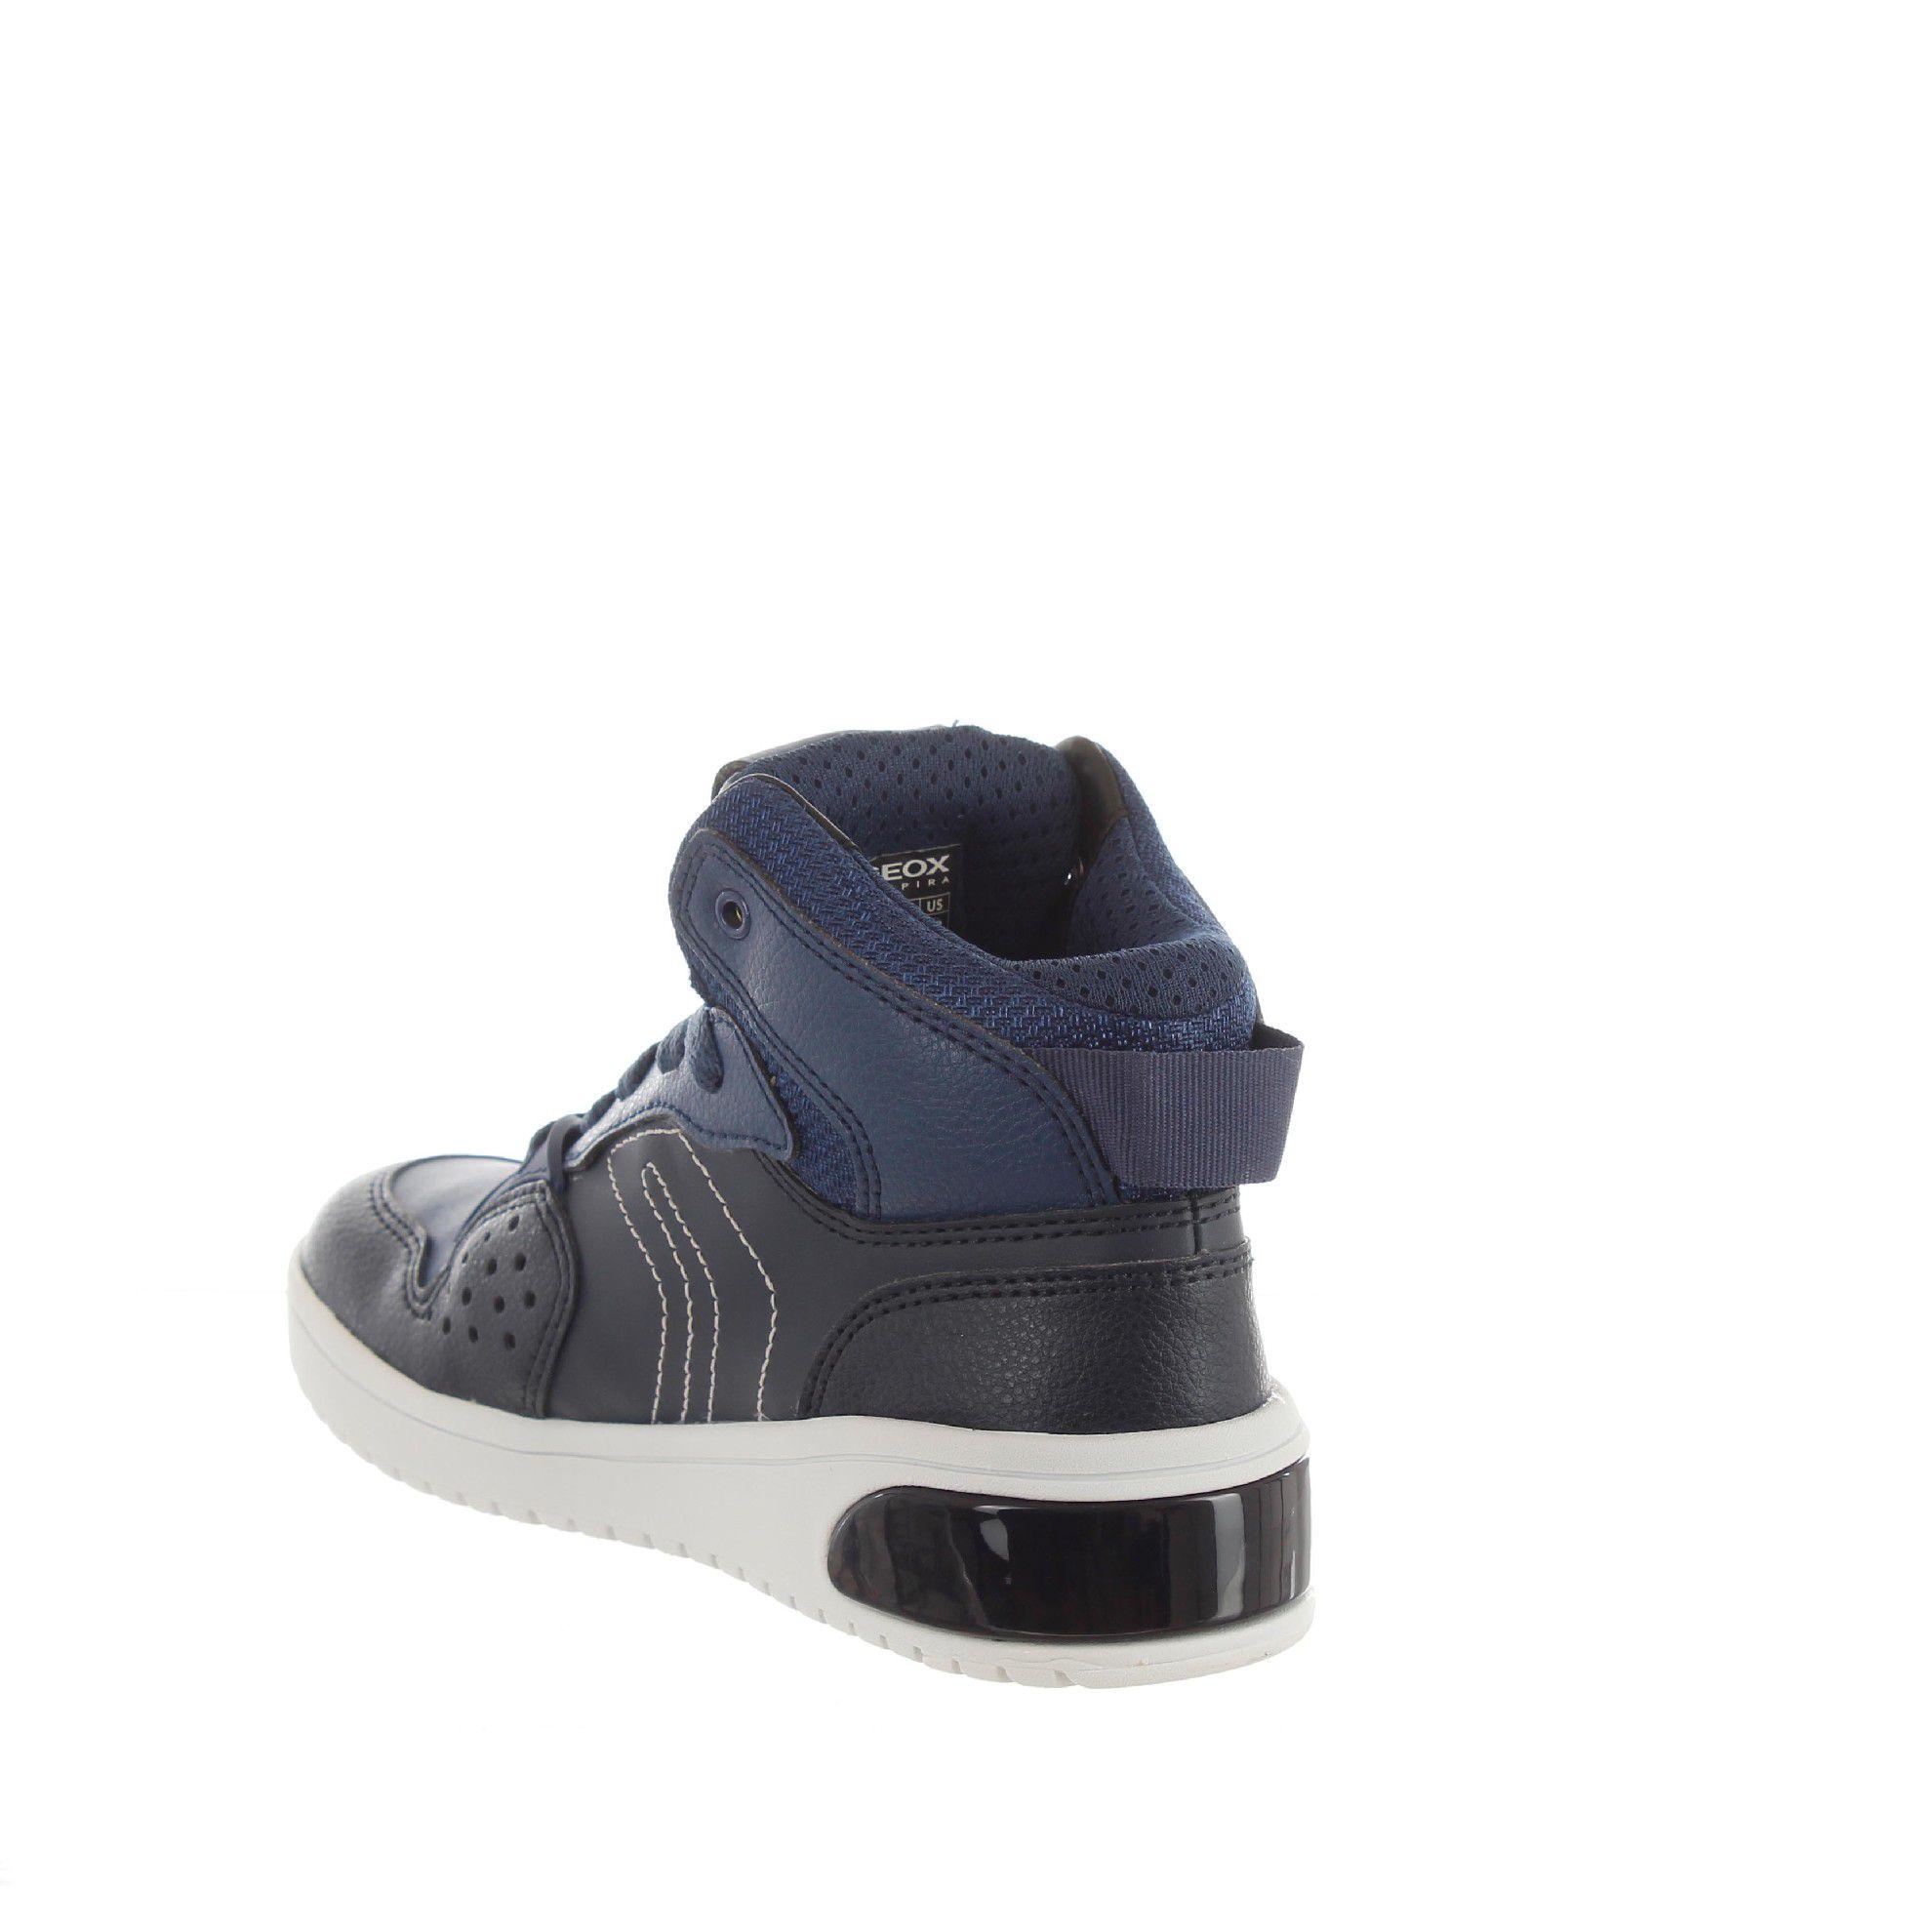 Geox sneaker xled in pelle da bambino